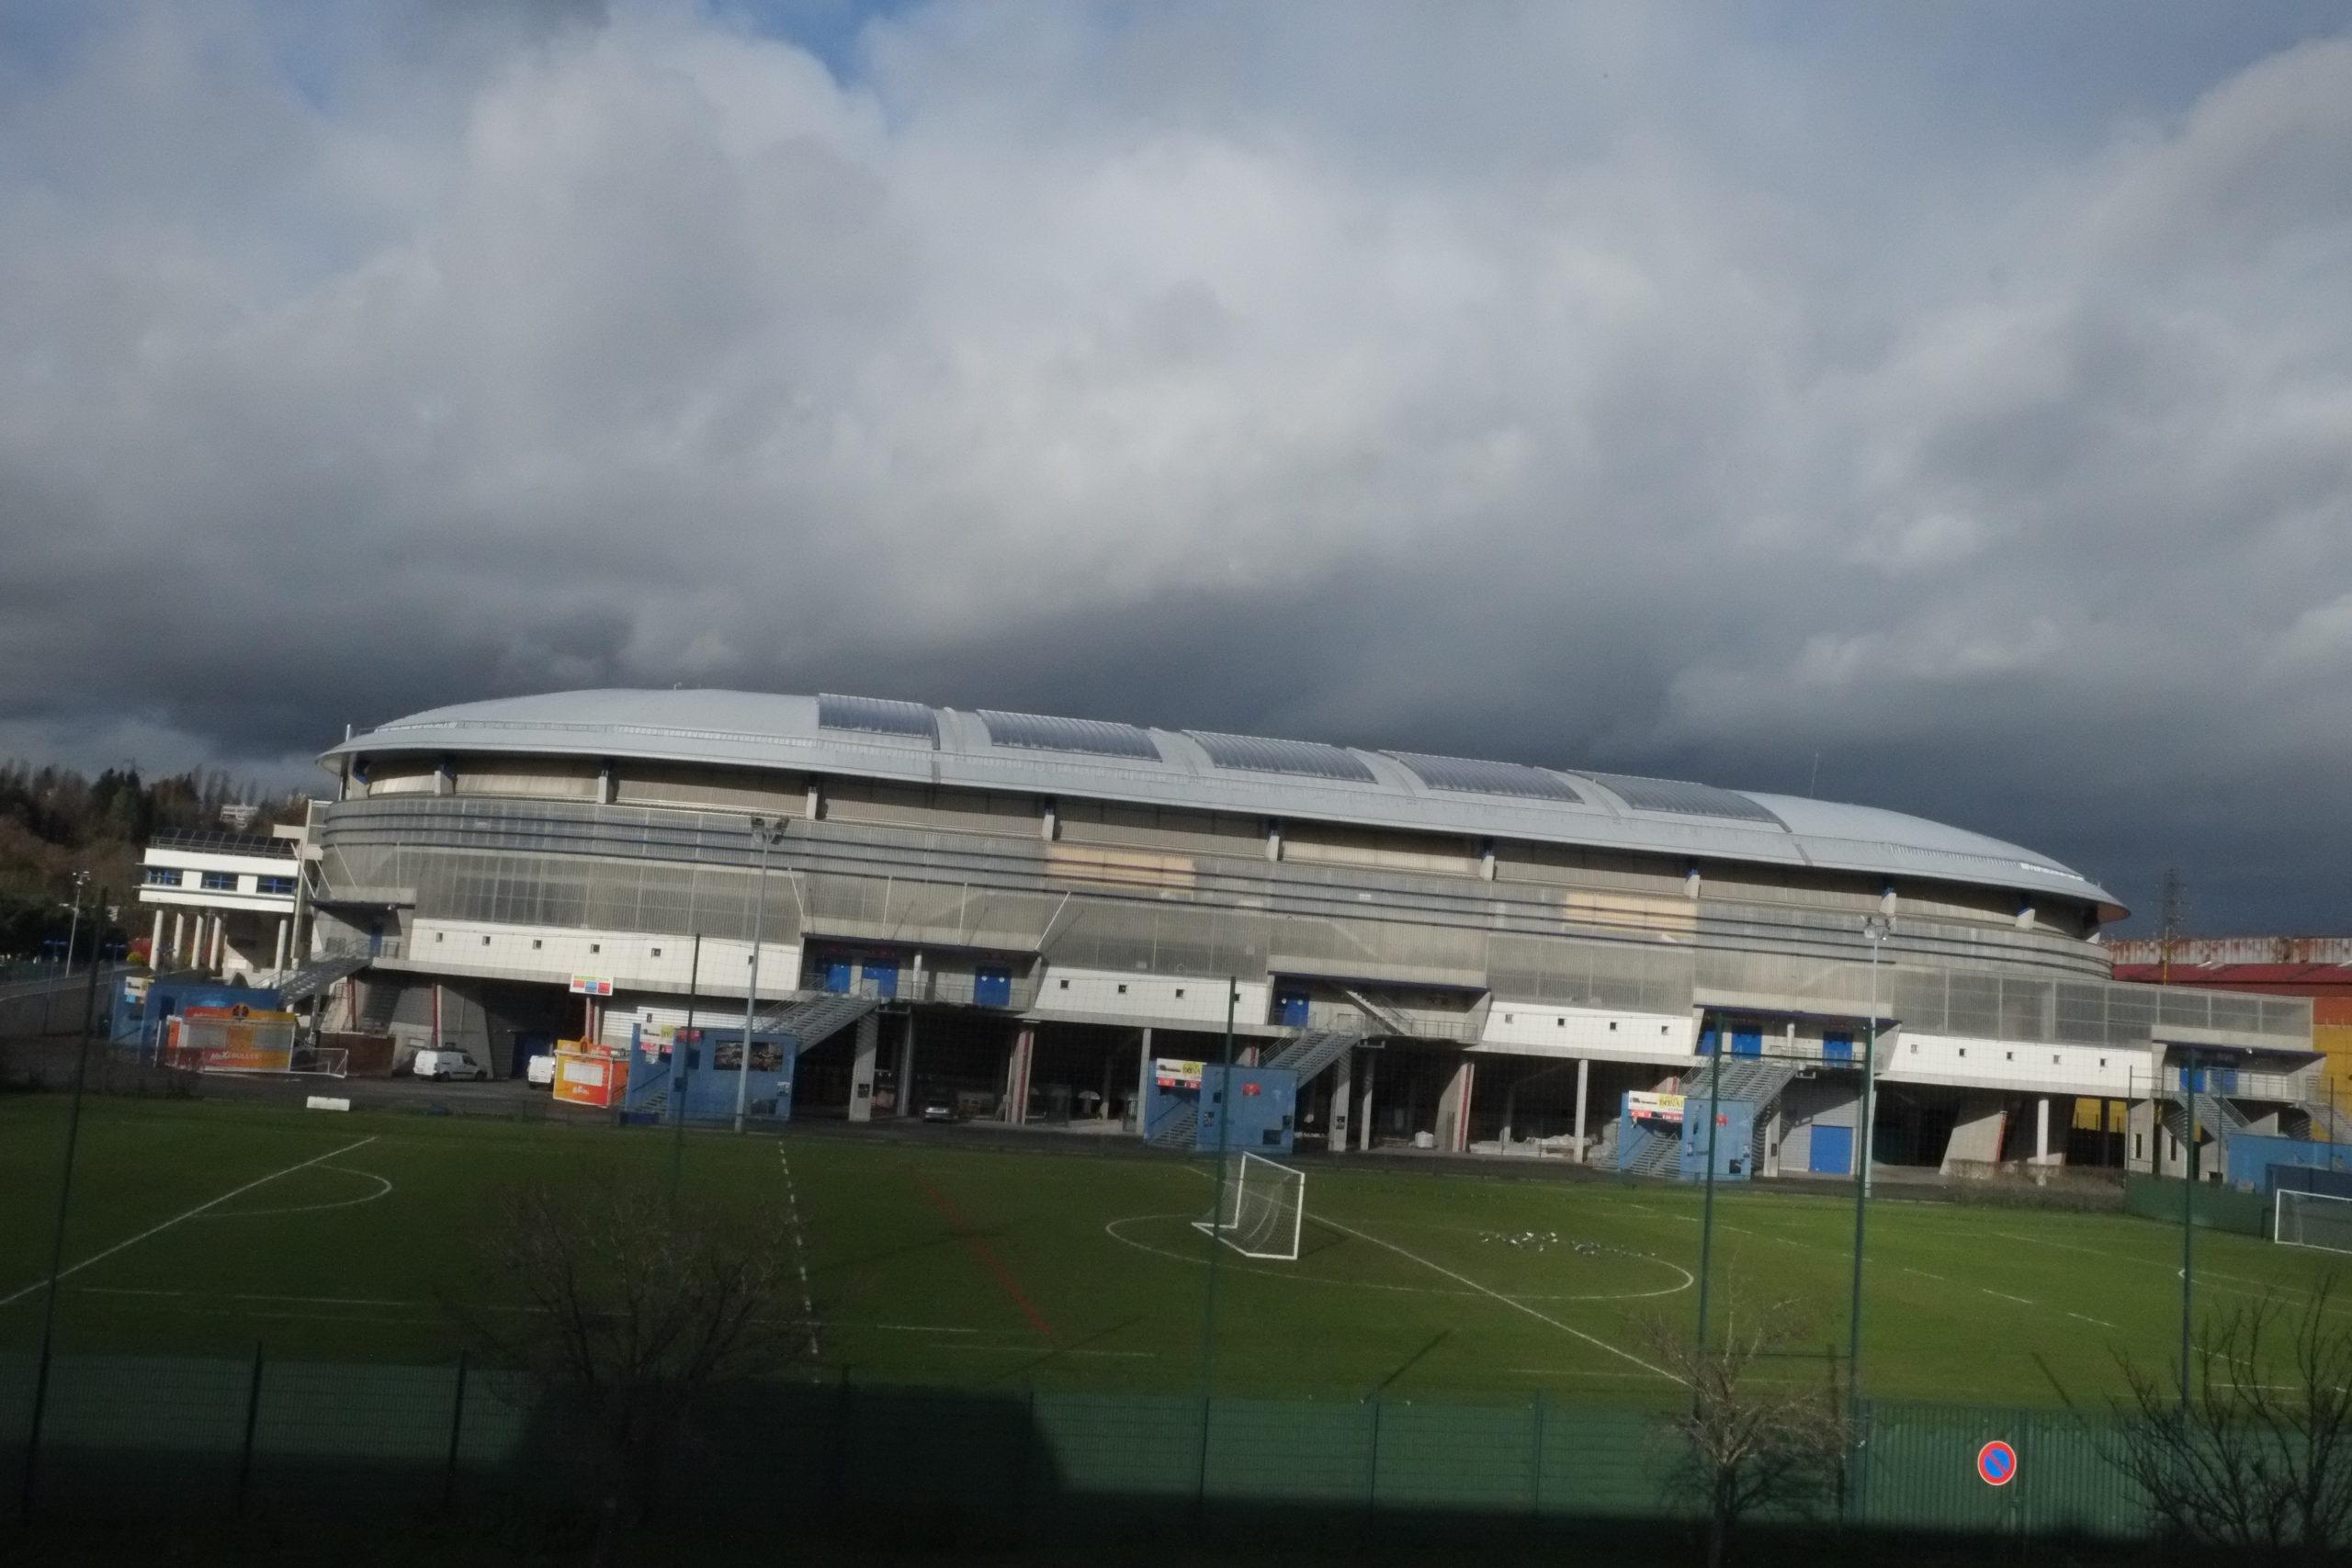 Le stade Auguste-Bonal, à Sochaux, a été inauguré le 22 juillet 2000 et fête ses 20 ans.